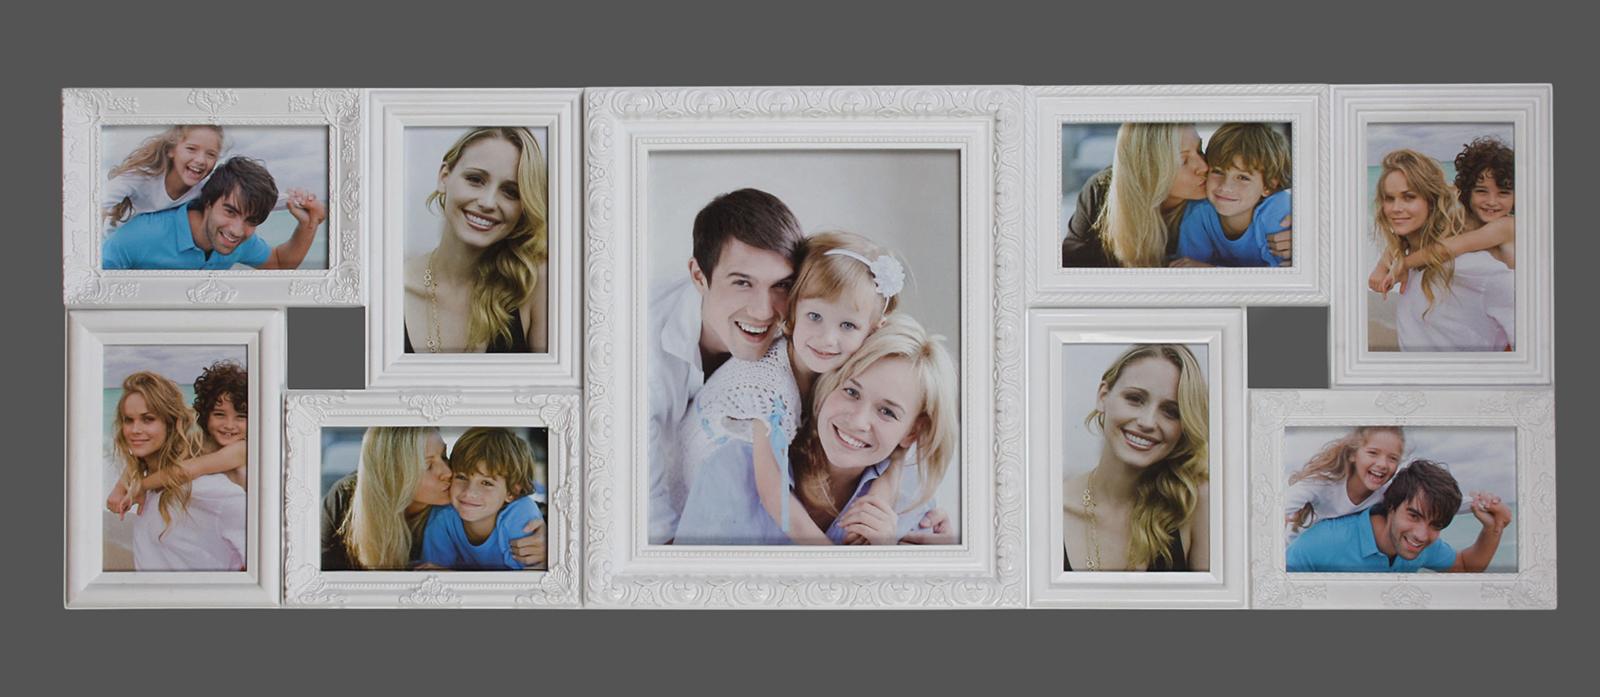 fotos fotocollage im riesenbilderrahmen fr schne erinnerungen. Black Bedroom Furniture Sets. Home Design Ideas